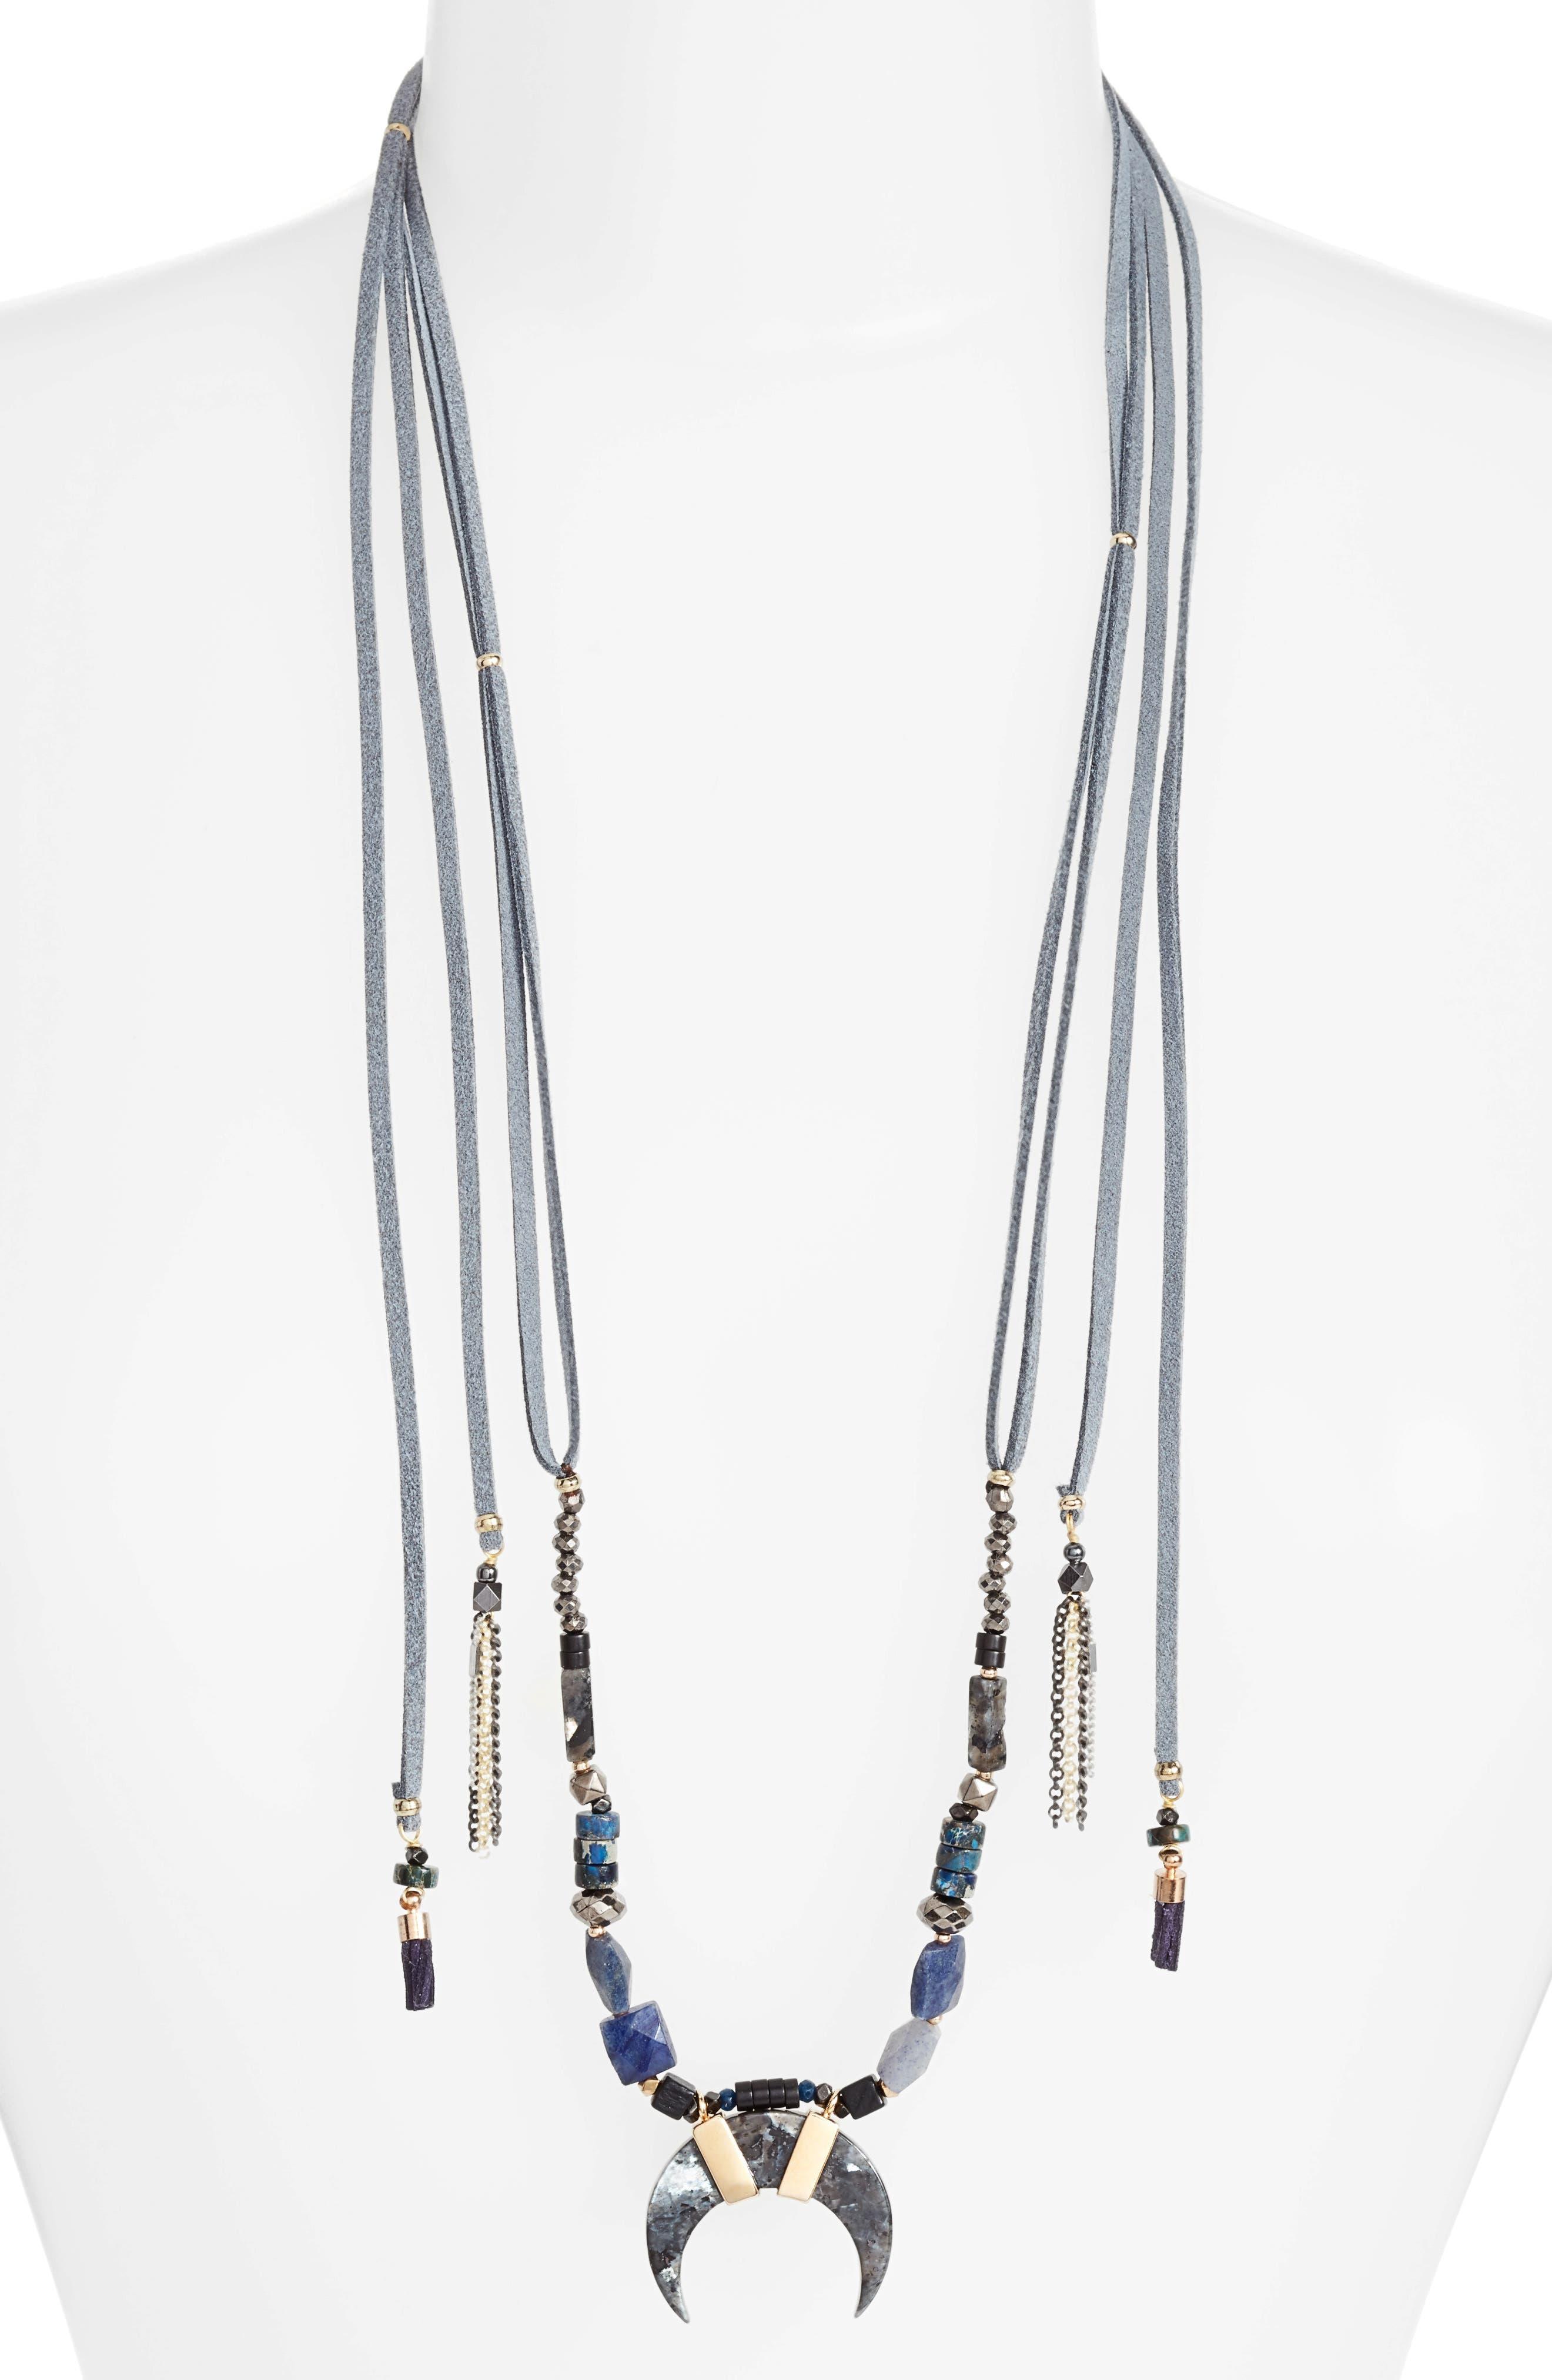 Main Image - Nakamol Design Umangi Lariat Necklace with Agate Pendant